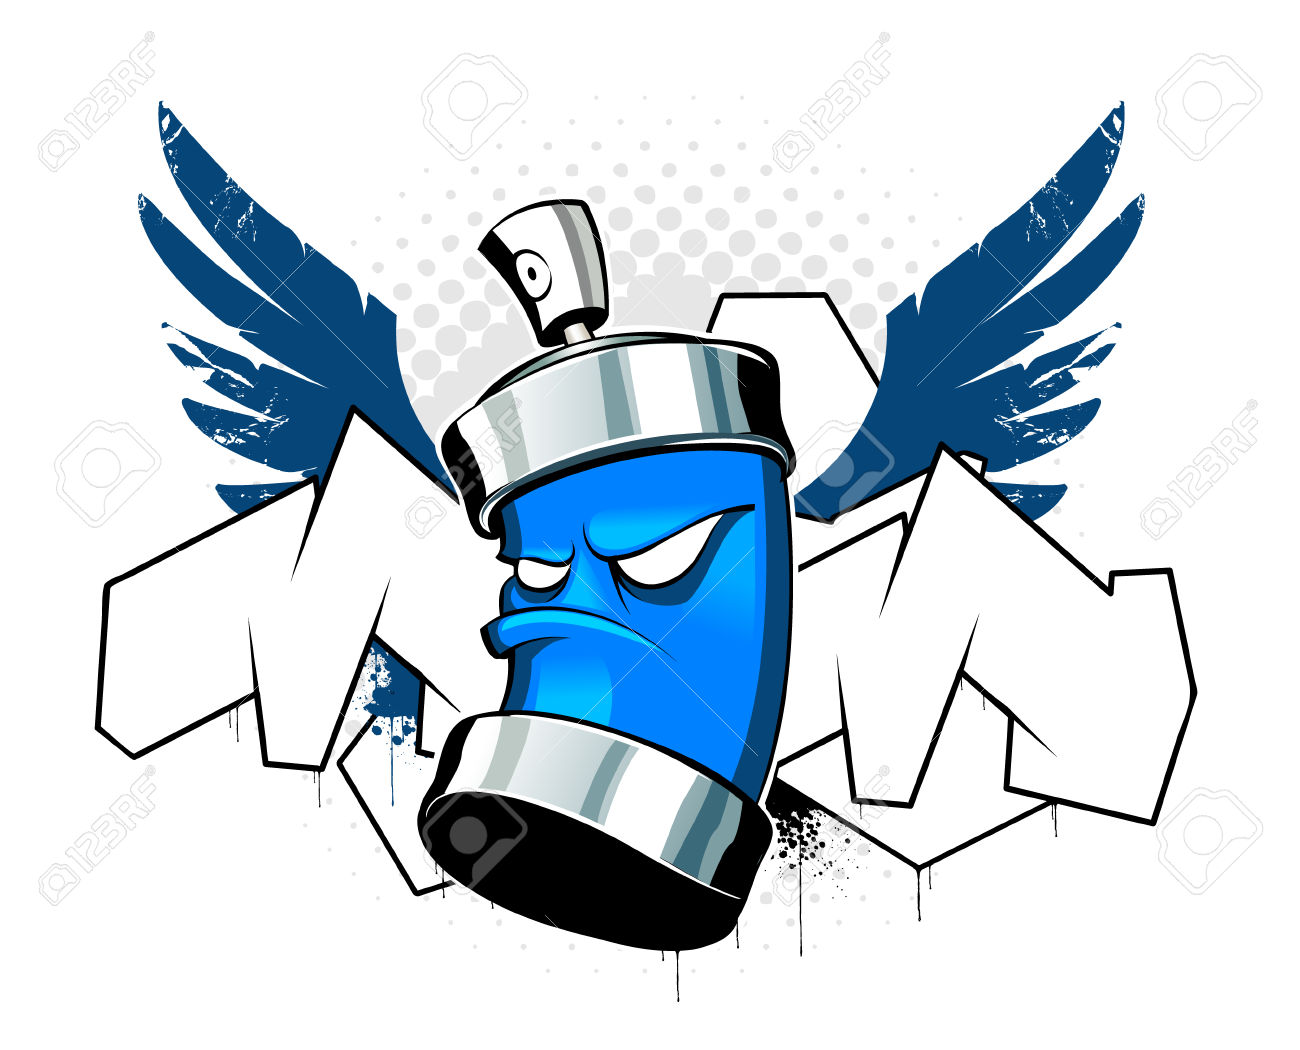 digital spray paint interactive graffiti wall digital graffiti